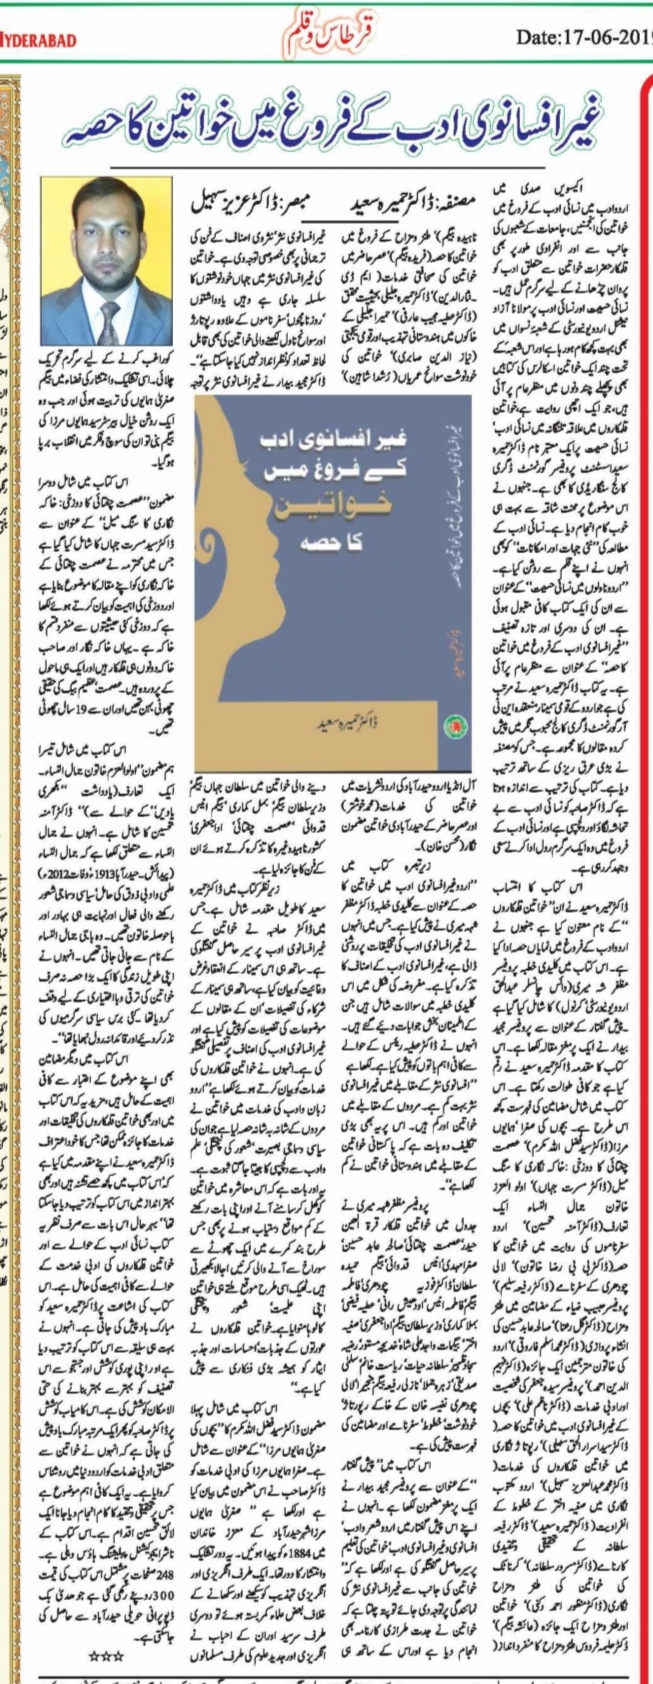 تبصرہ غیر افسانوی ادب کے فروغ میں خواتین کا حصہ ڈاکٹر حمیرا سعید